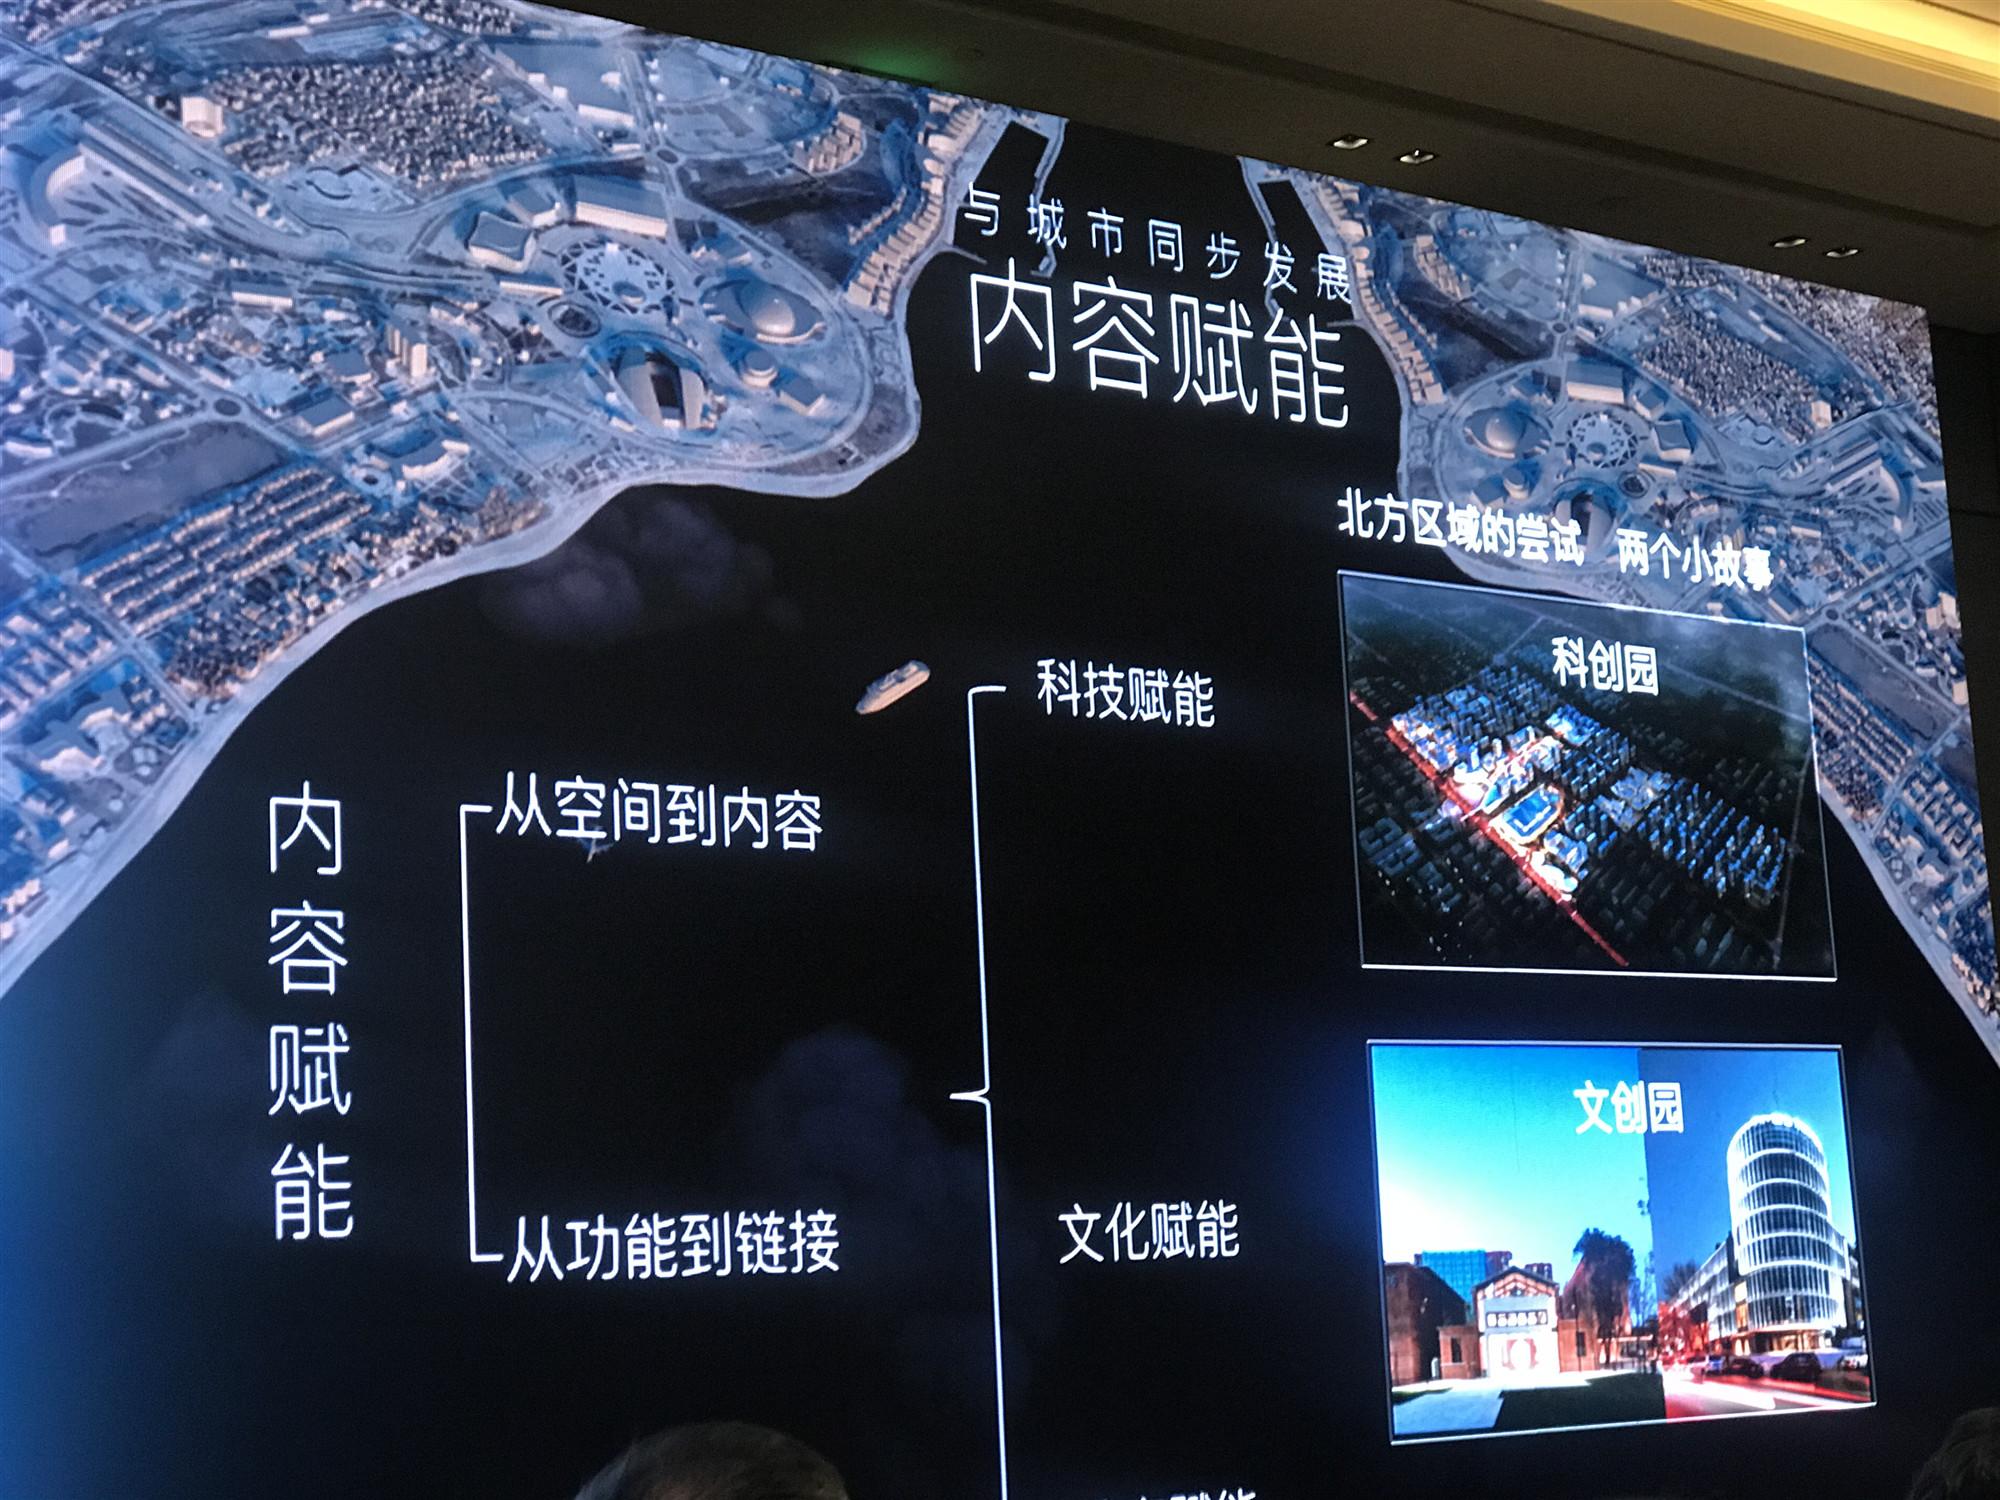 万科刘肖:内容赋能时代 万科北方区将开拓科创及文创产品线-中国网地产